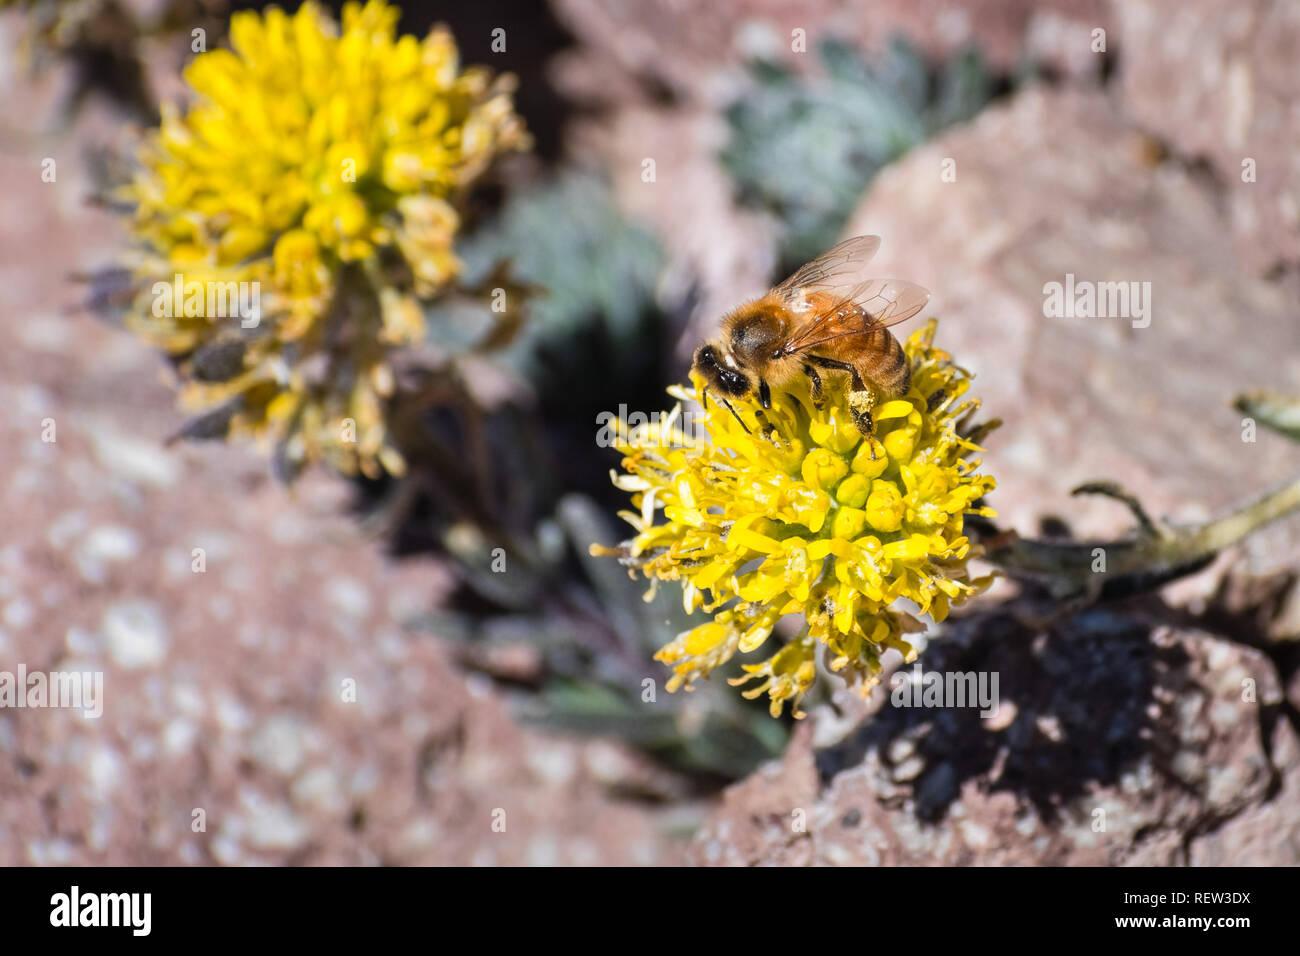 Honey Bee Bestäuben der Mt. Lassen cardamine (Cardamine aureola) Wildblumen, die Blüte unter den Felsen auf der hohen Elevation Trails des Lassen Volcanic Nation Stockbild